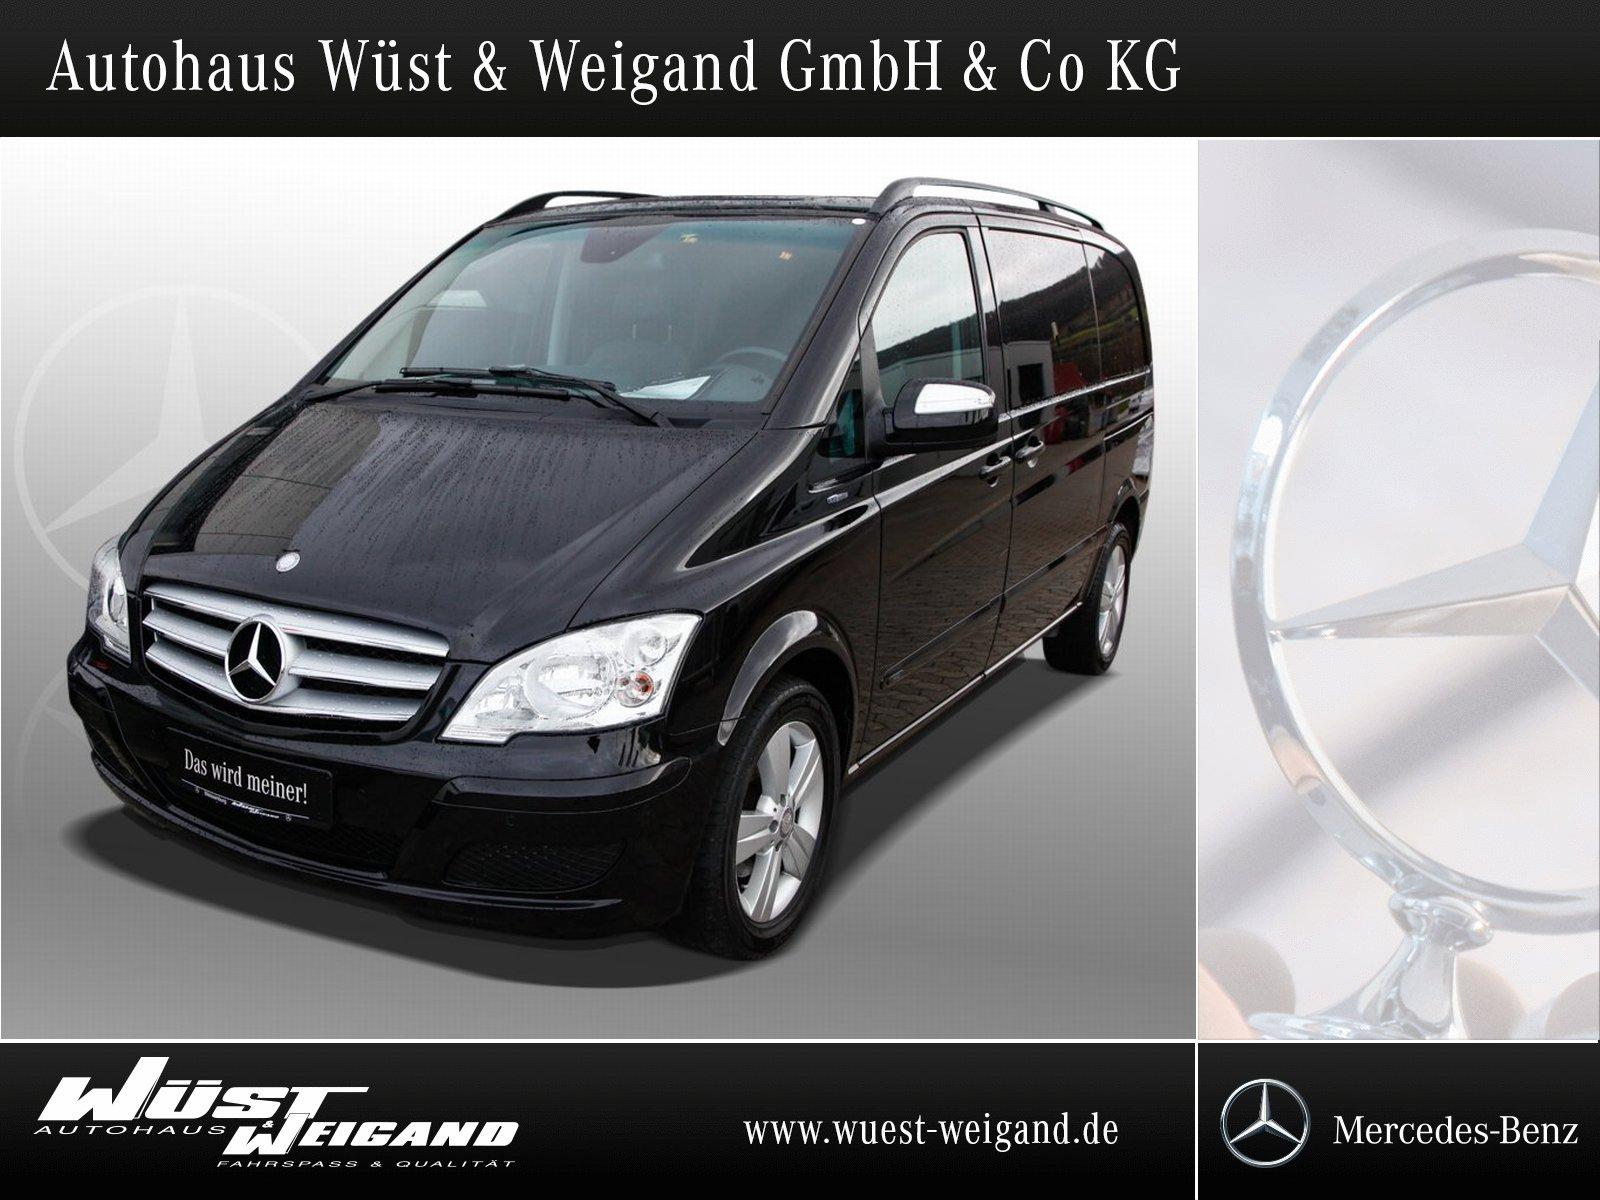 Mercedes-Benz Viano CDI2.2 Trend Ed. Komp. 7 Sitze+Autom.+Navi, Jahr 2012, diesel